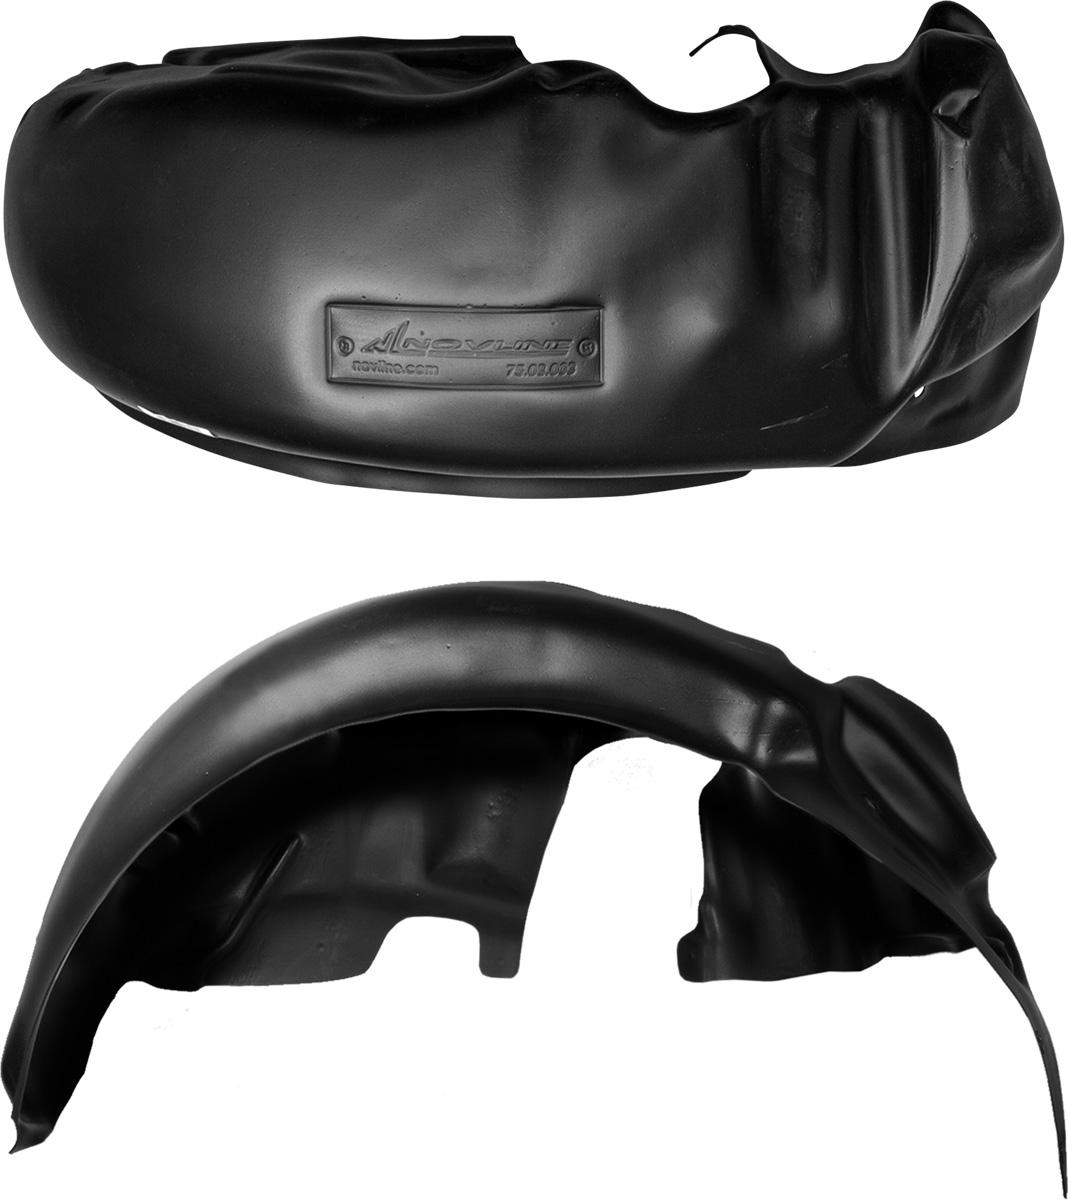 Подкрылок Novline-Autofamily, для Lada Largus, 2012 ->, передний правыйNLL.52.26.002Колесные ниши – одни из самых уязвимых зон днища вашего автомобиля. Они постоянно подвергаются воздействию со стороны дороги. Лучшая, почти абсолютная защита для них - специально отформованные пластиковые кожухи, которые называются подкрылками, или локерами. Производятся они как для отечественных моделей автомобилей, так и для иномарок. Подкрылки выполнены из высококачественного, экологически чистого пластика. Обеспечивают надежную защиту кузова автомобиля от пескоструйного эффекта и негативного влияния, агрессивных антигололедных реагентов. Пластик обладает более низкой теплопроводностью, чем металл, поэтому в зимний период эксплуатации использование пластиковых подкрылков позволяет лучше защитить колесные ниши от налипания снега и образования наледи. Оригинальность конструкции подчеркивает элегантность автомобиля, бережно защищает нанесенное на днище кузова антикоррозийное покрытие и позволяет осуществить крепление подкрылков внутри колесной арки практически без дополнительного крепежа и сверления, не нарушая при этом лакокрасочного покрытия, что предотвращает возникновение новых очагов коррозии. Технология крепления подкрылков на иномарки принципиально отличается от крепления на российские автомобили и разрабатывается индивидуально для каждой модели автомобиля. Подкрылки долговечны, обладают высокой прочностью и сохраняют заданную форму, а также все свои физико-механические характеристики в самых тяжелых климатических условиях ( от -50° С до + 50° С).